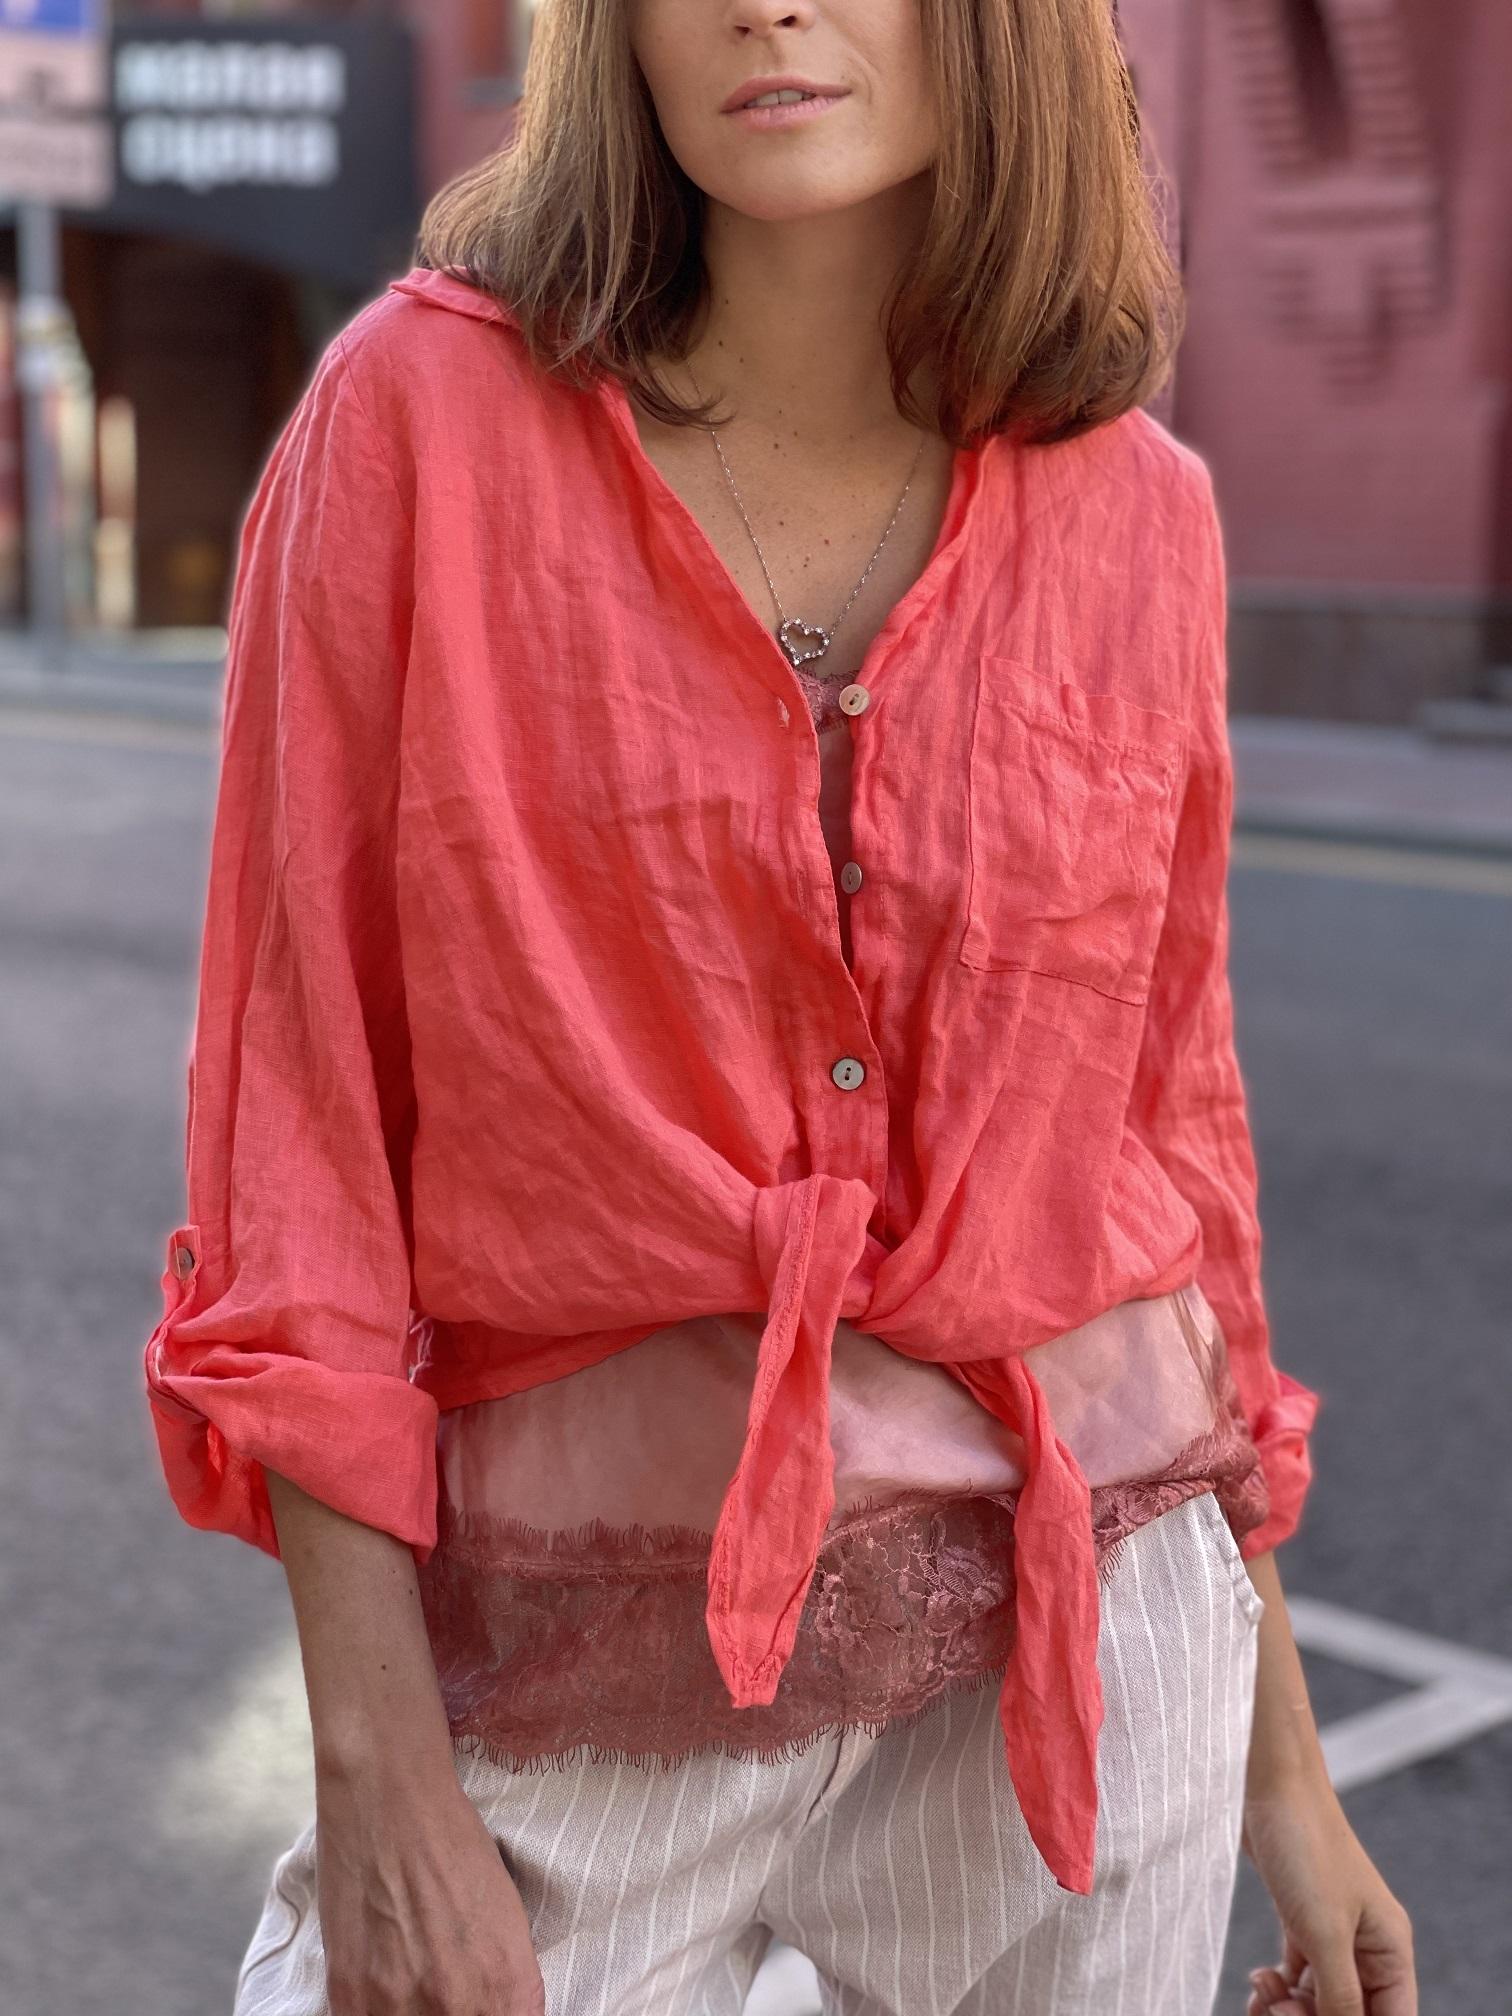 Рубашка, UNO, Easy (розовая камелия)